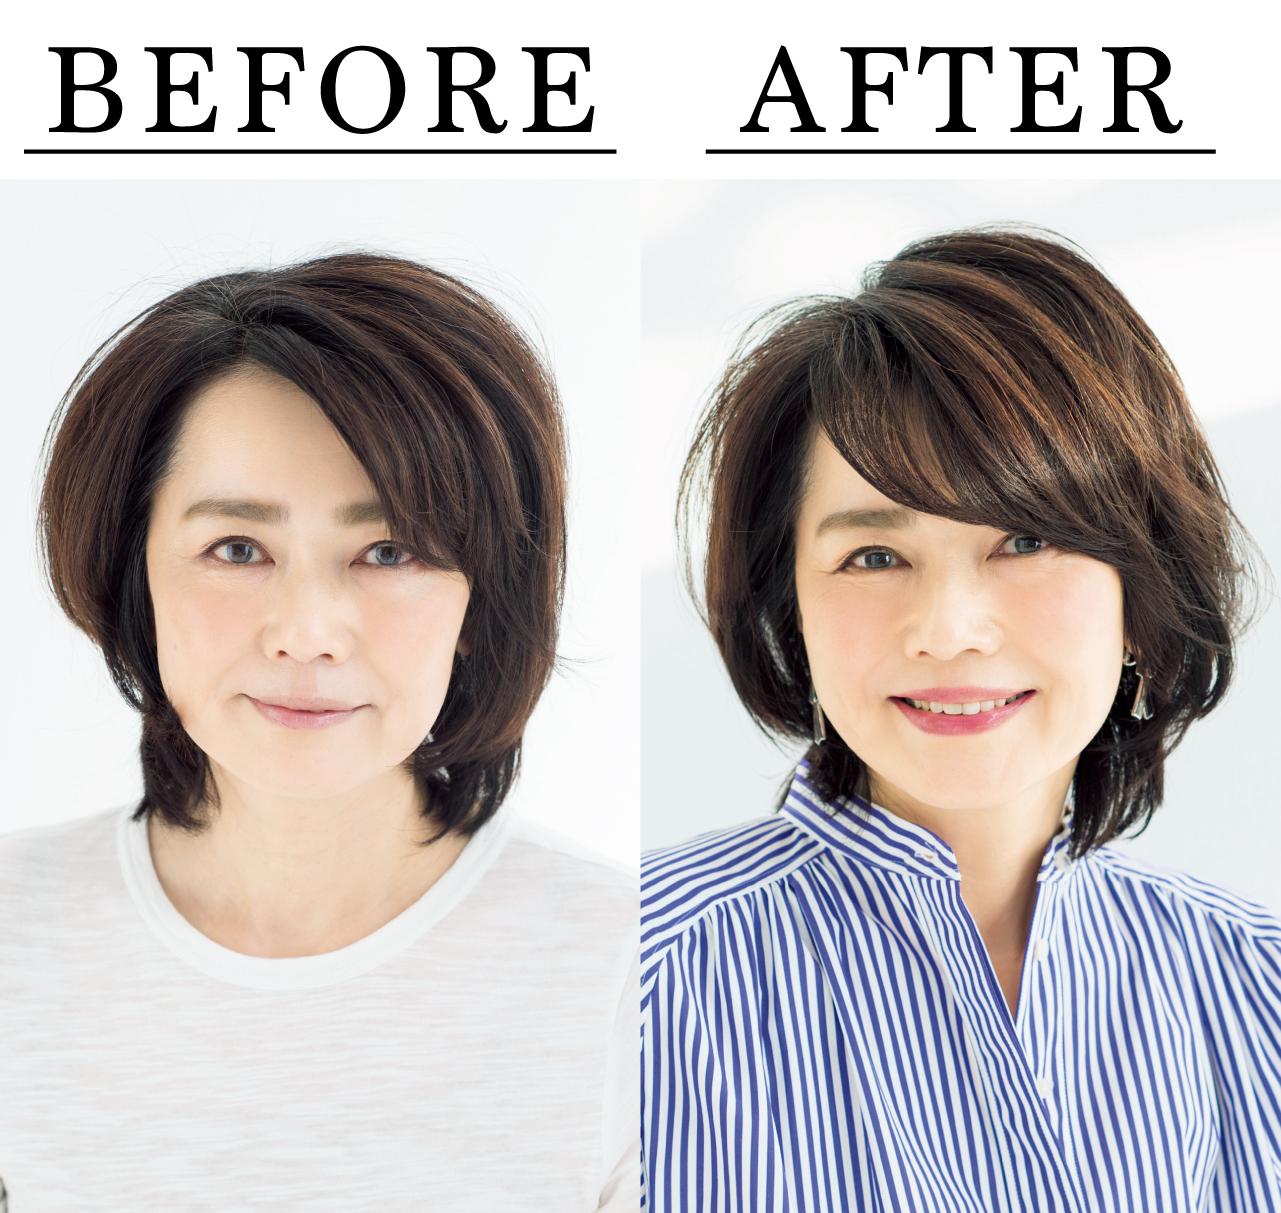 山本敦子さん Before After